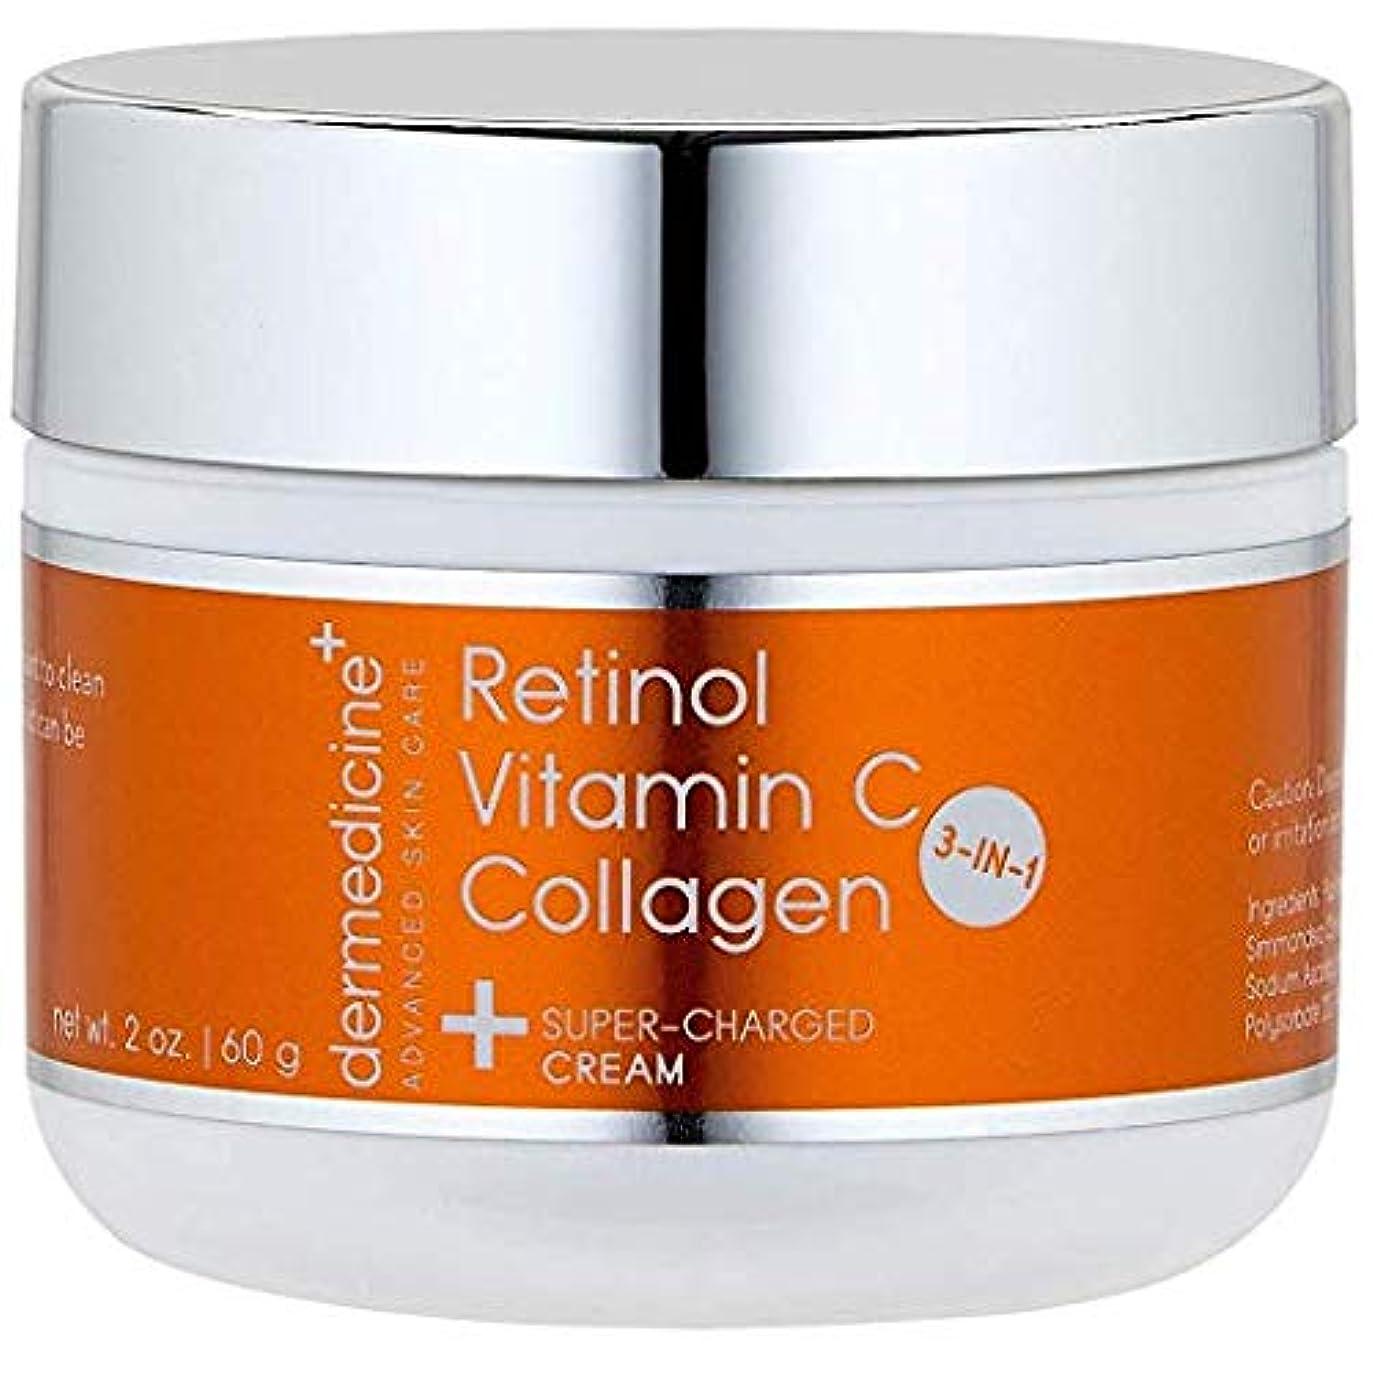 優しいサポート定刻【3In1クリーム】 コラーゲン、レチノール、ビタミンC配合 シワ、シミ、くすみ、乾燥対策に